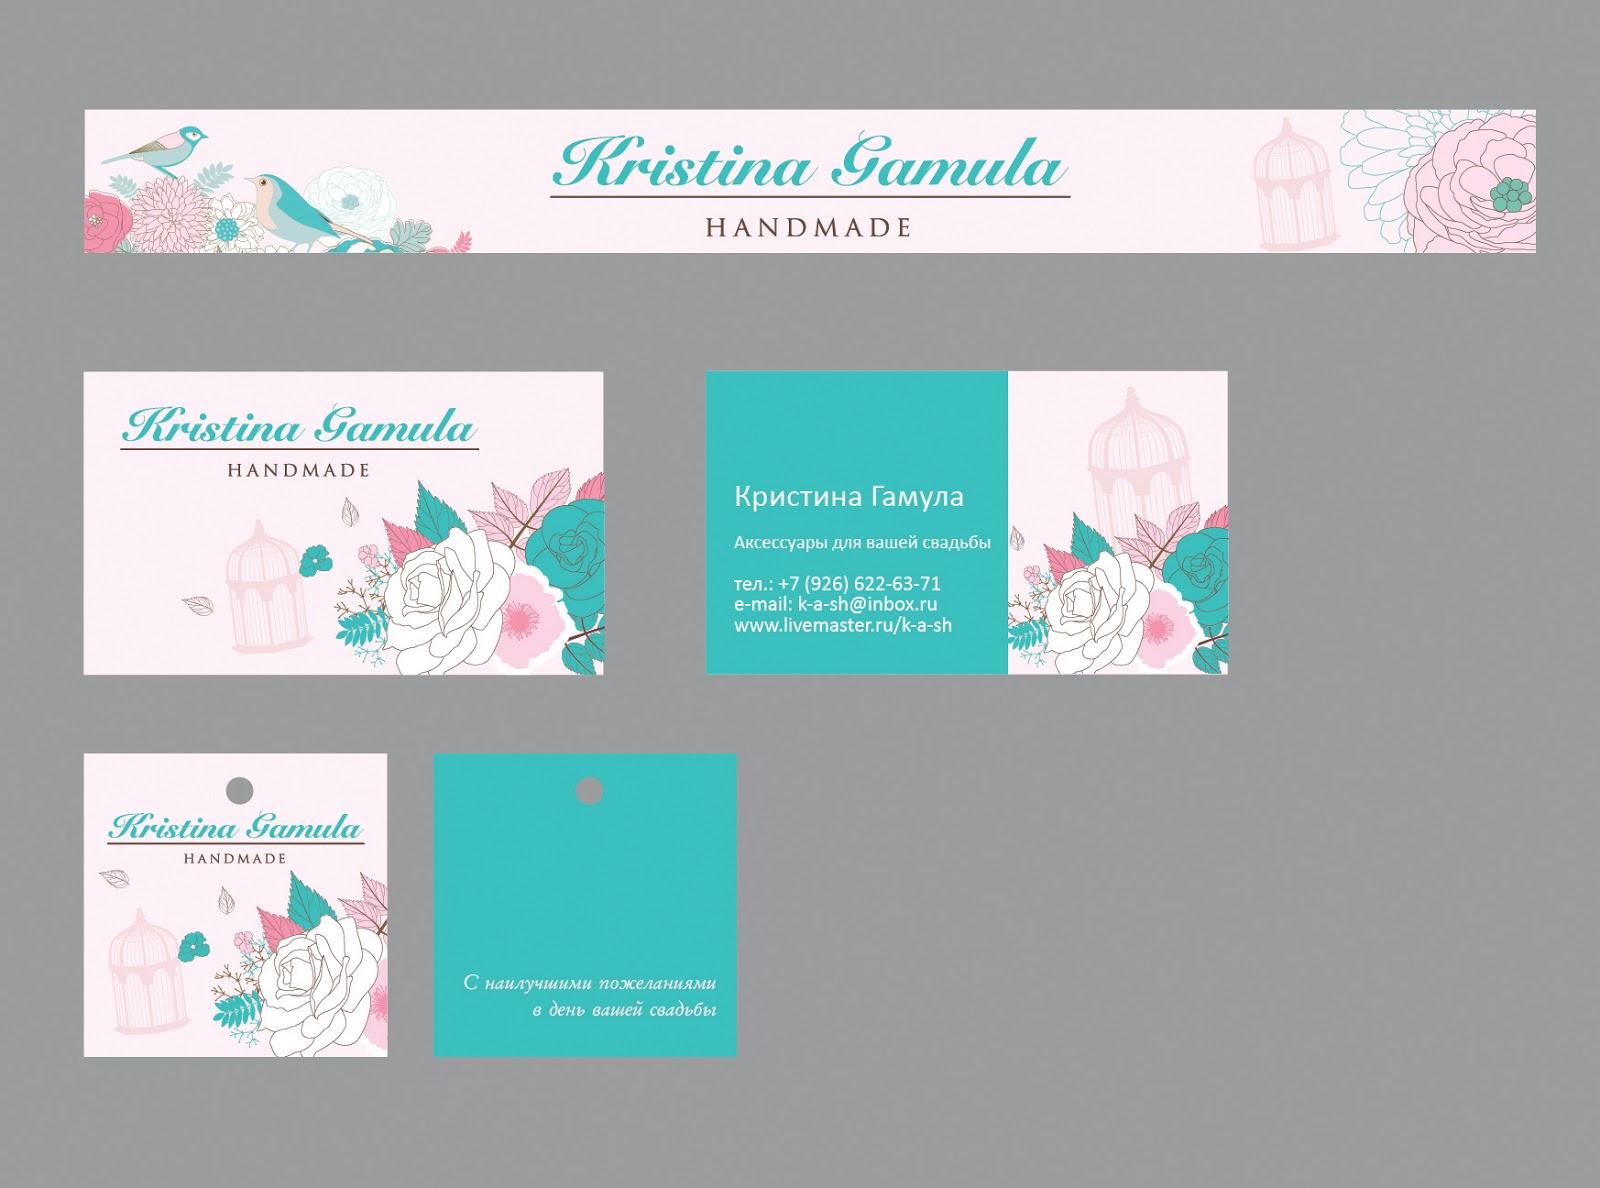 Онлайн редактор визиток (конструктор визиток). Создать